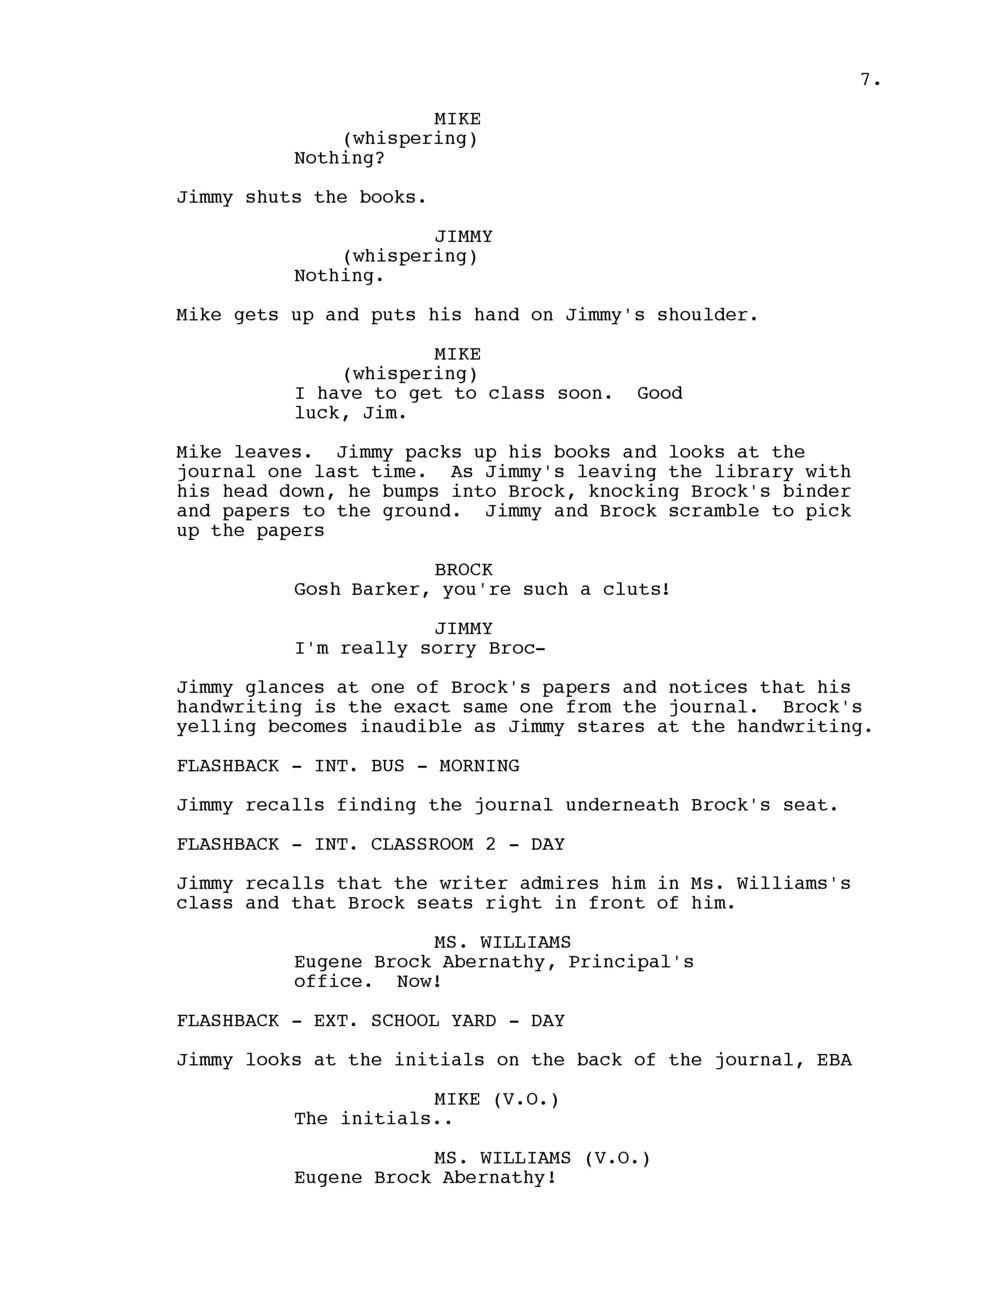 Script - The Pink Journal-7.jpg